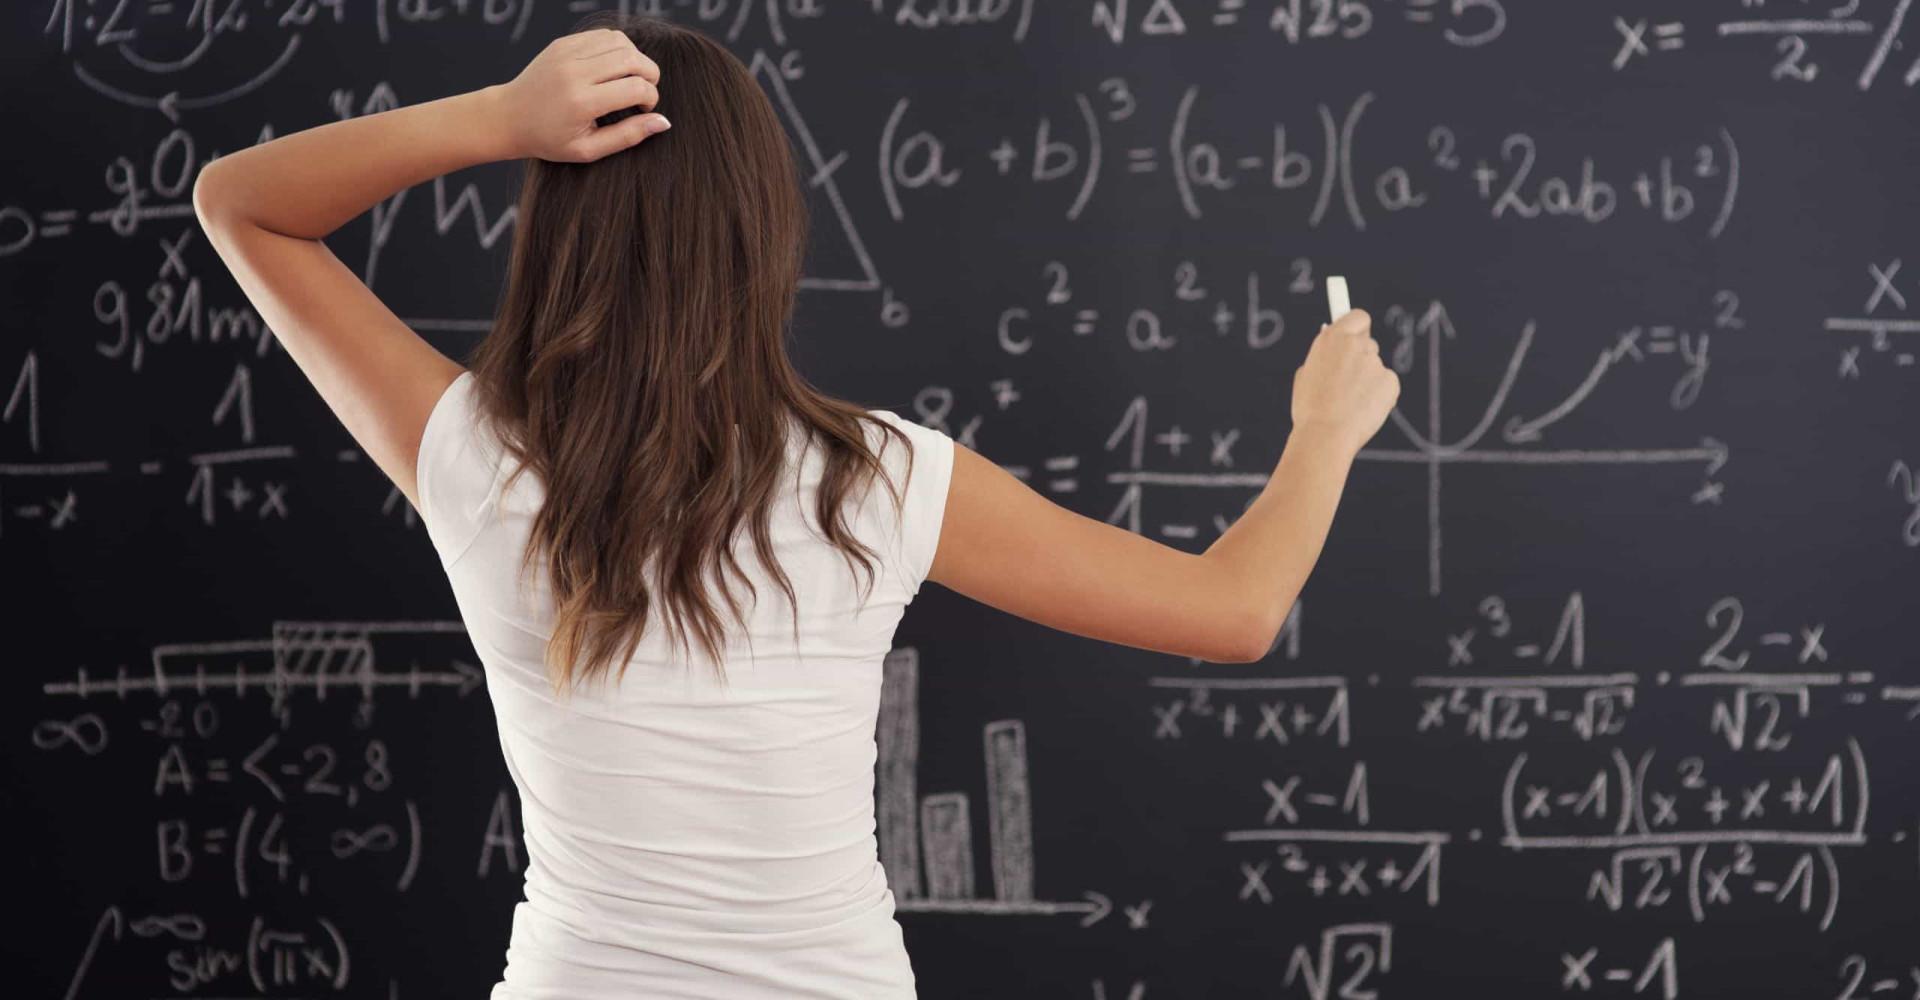 Is dit waarom je slecht in wiskunde bent?